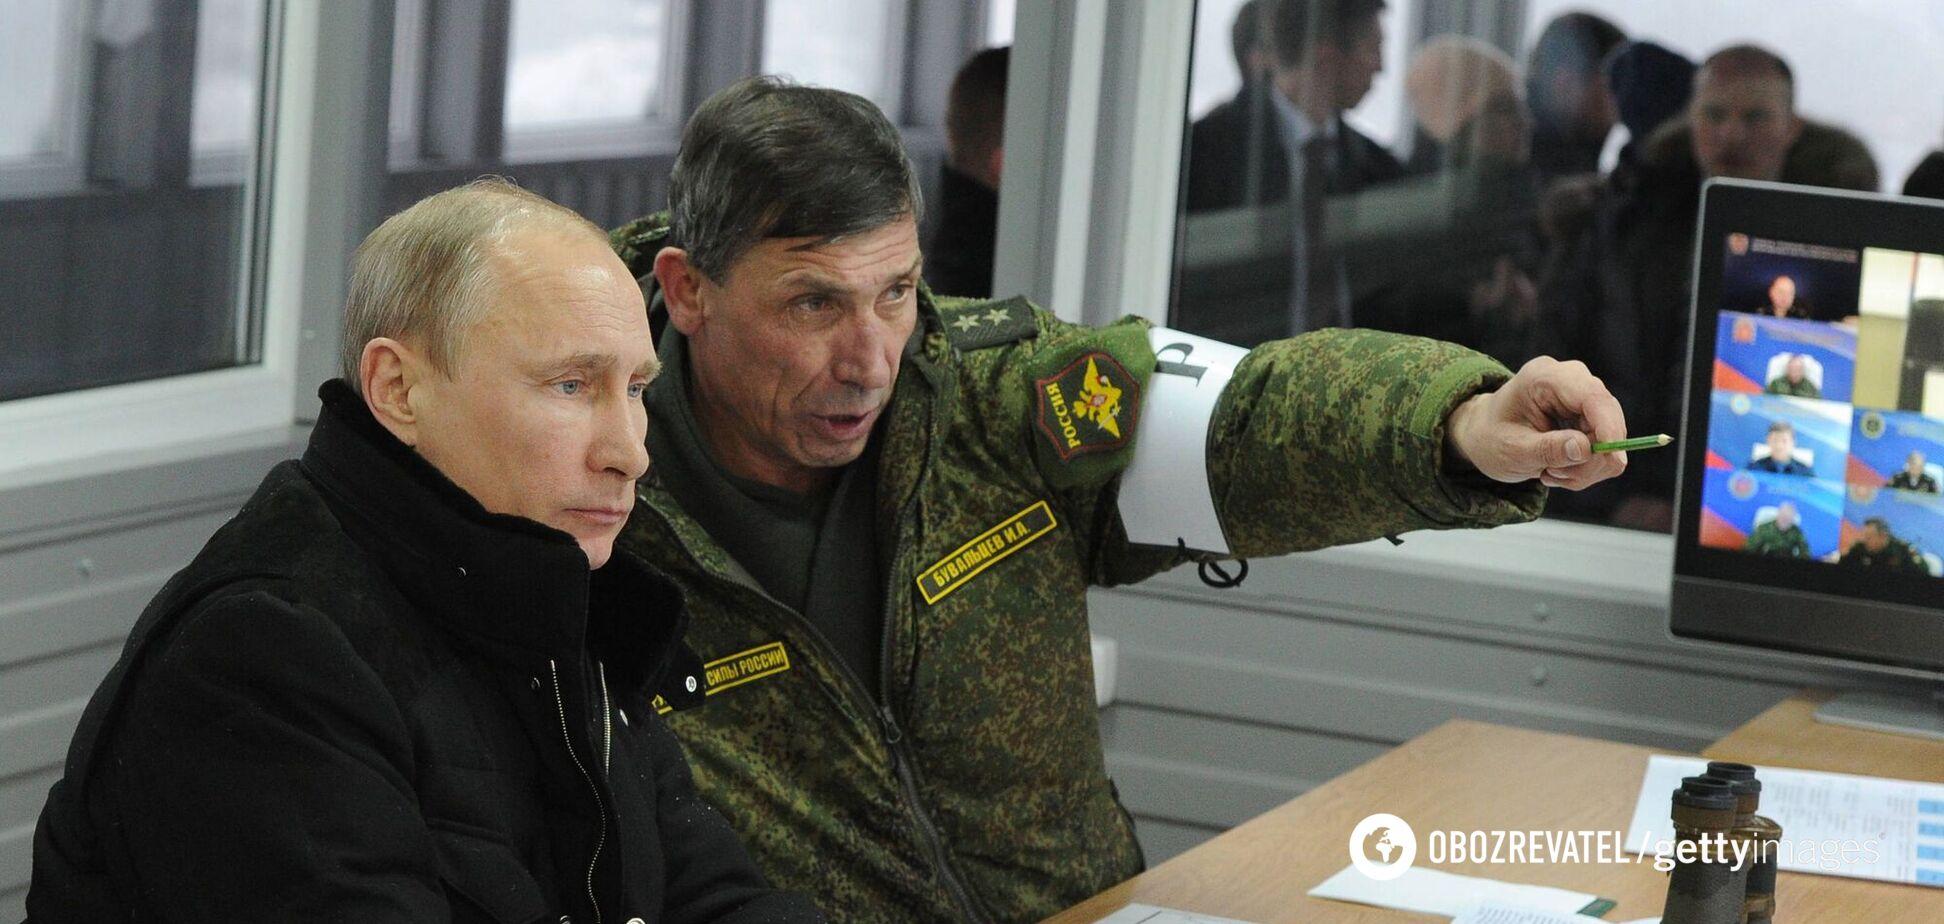 Путін не може влаштувати наступ на Україну: Жданов назвав причину